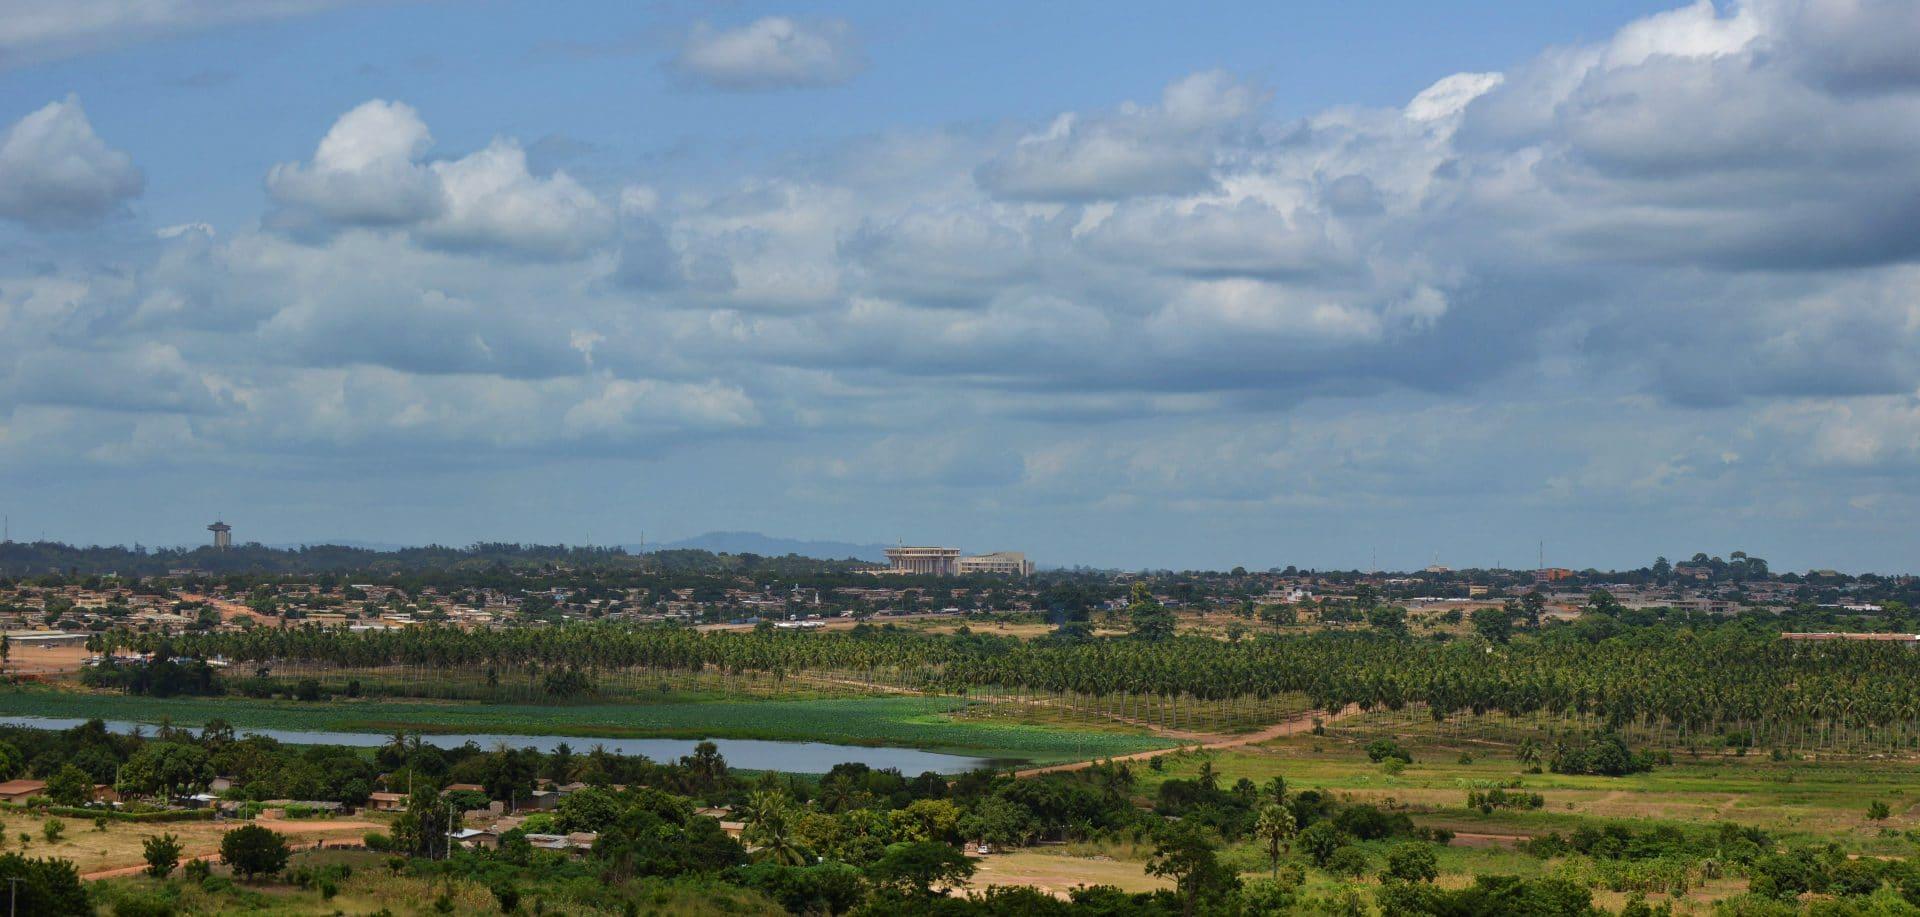 Yamoussoukro paysage